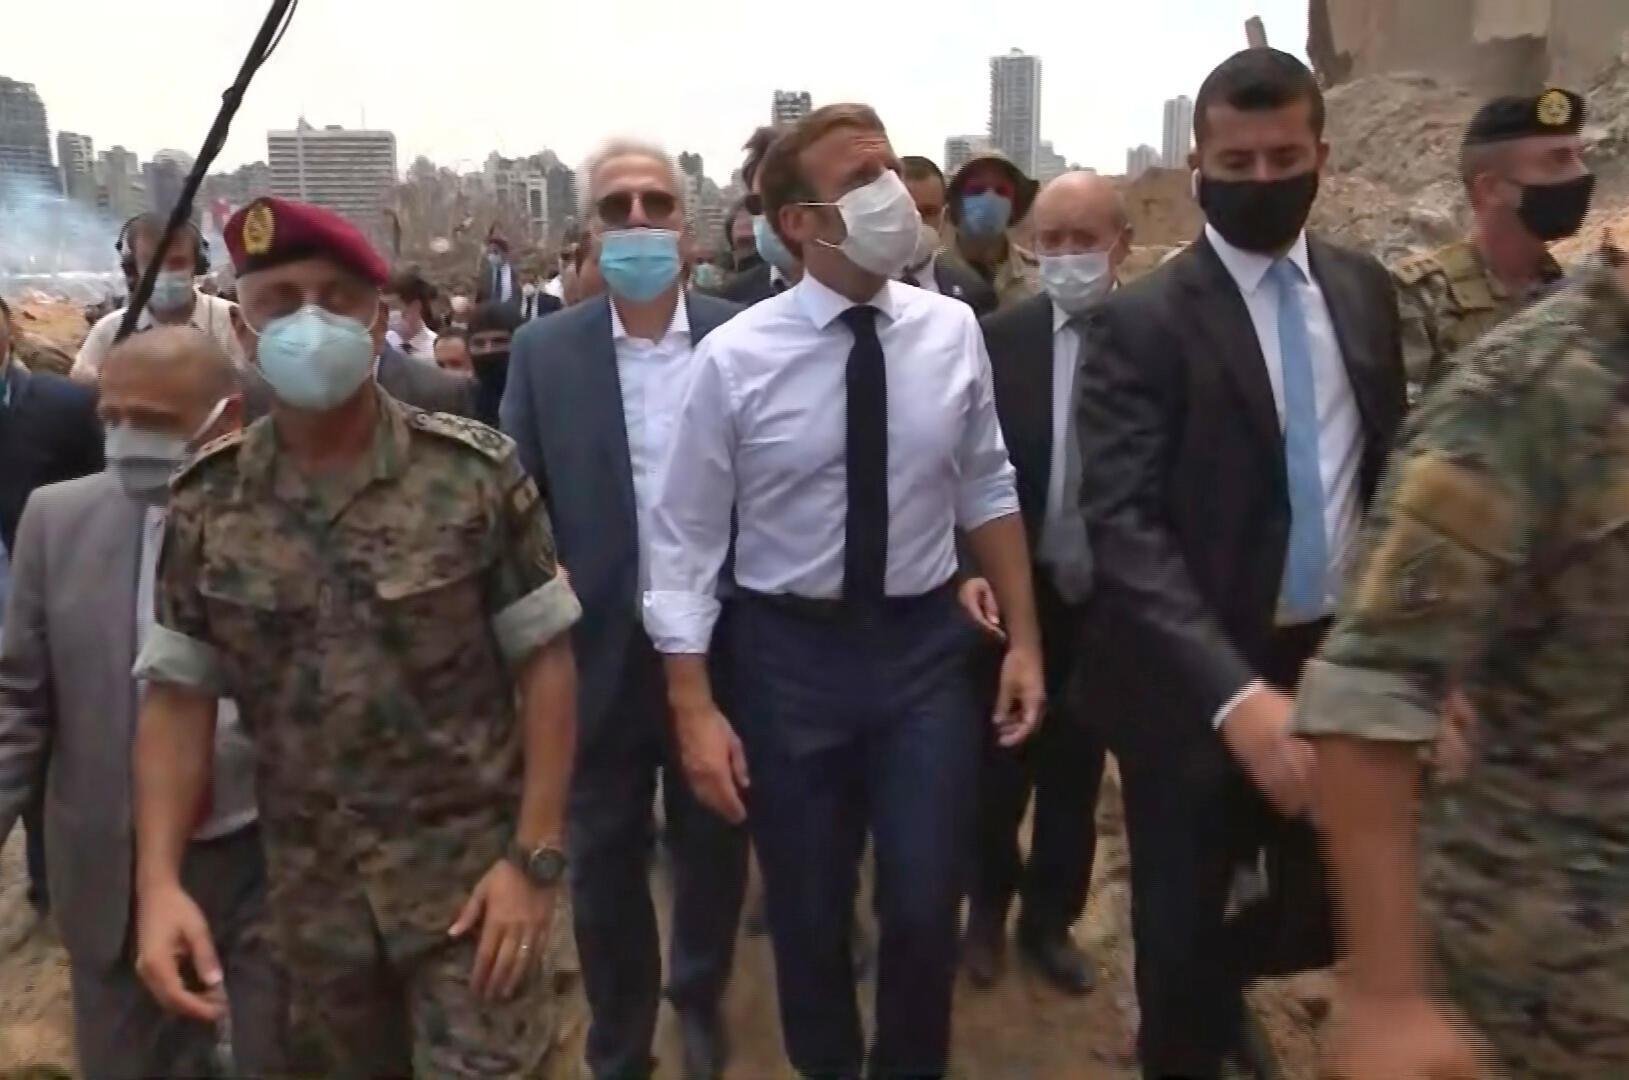 El presidente Emmanuel Macron durante su visita al puerto de Beirut el 6 de agosto de 2020.